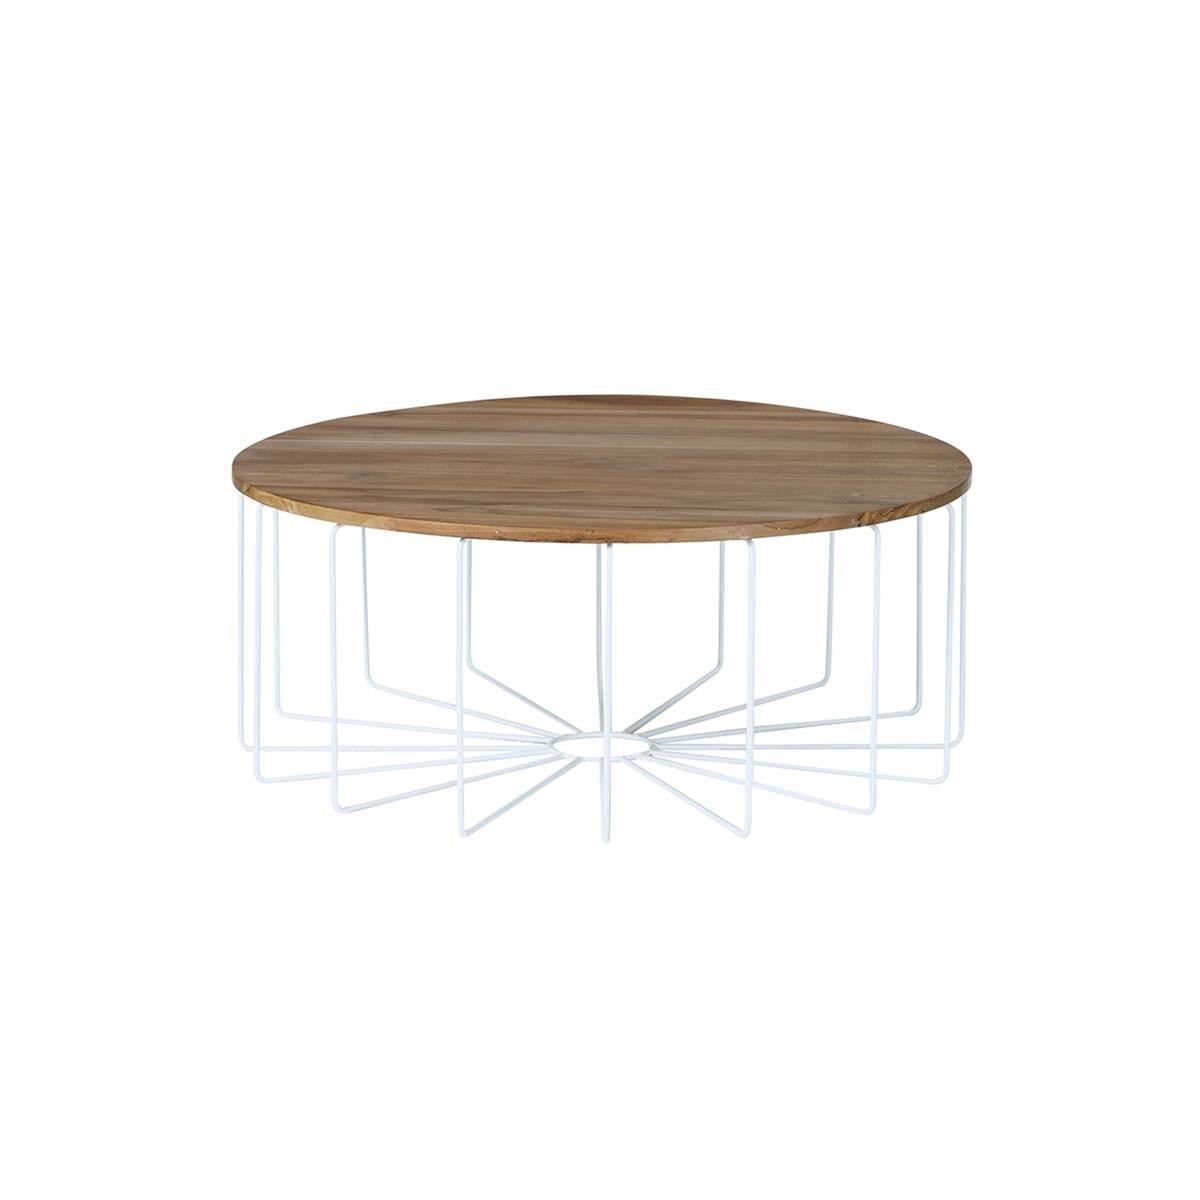 Table basse ronde en teck et métal